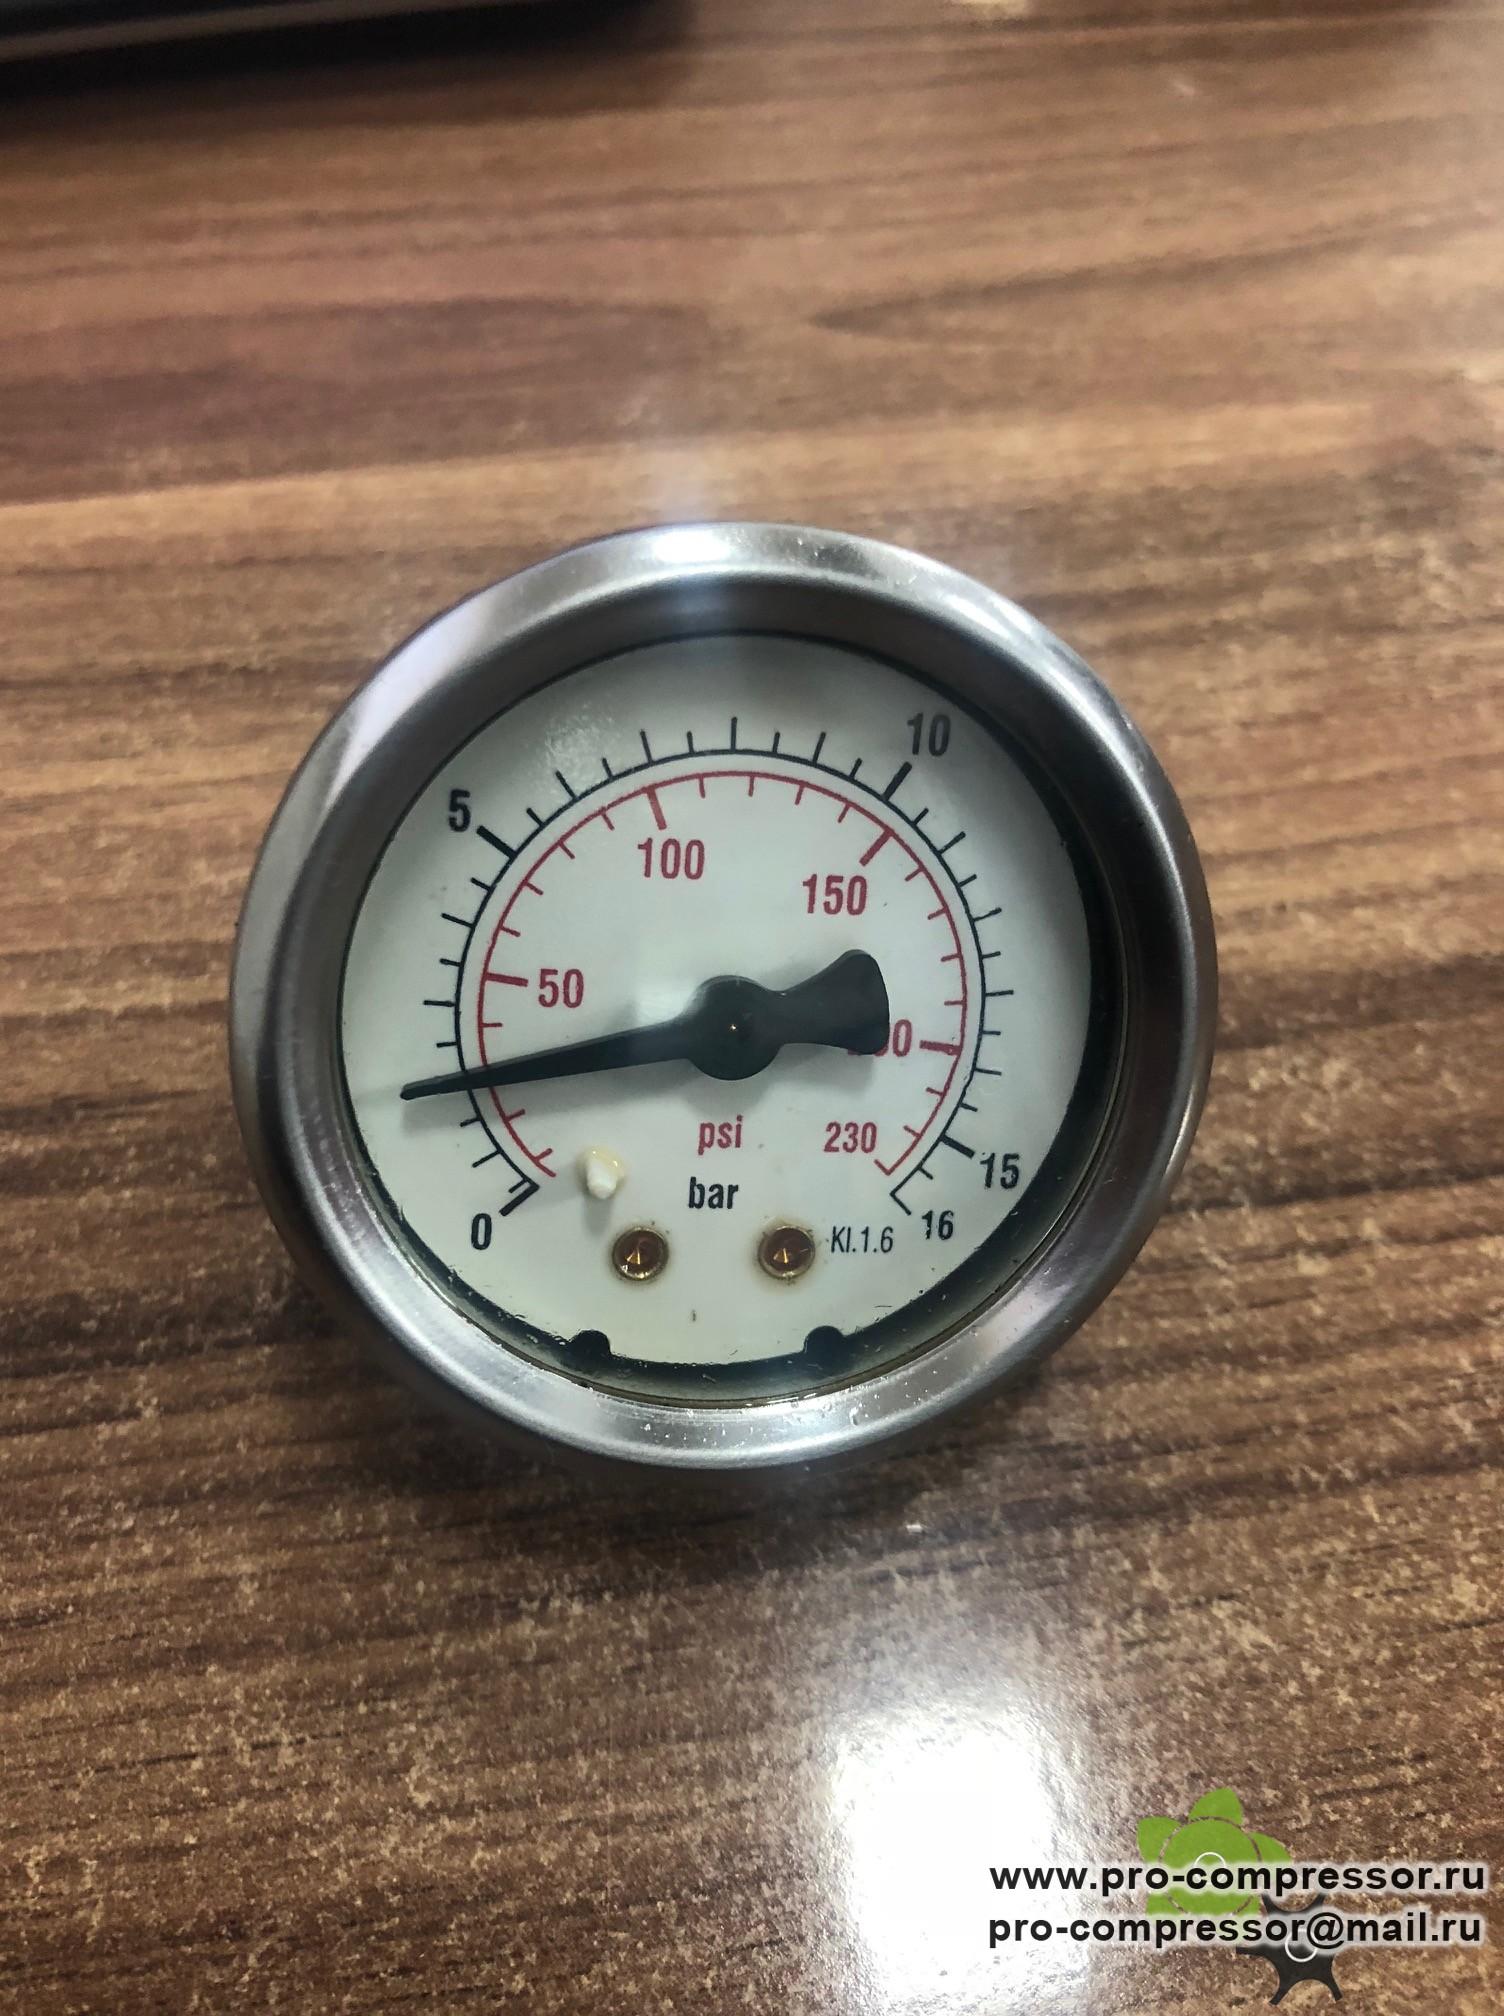 Манометр для компрессора Fiac New Silver d10-300